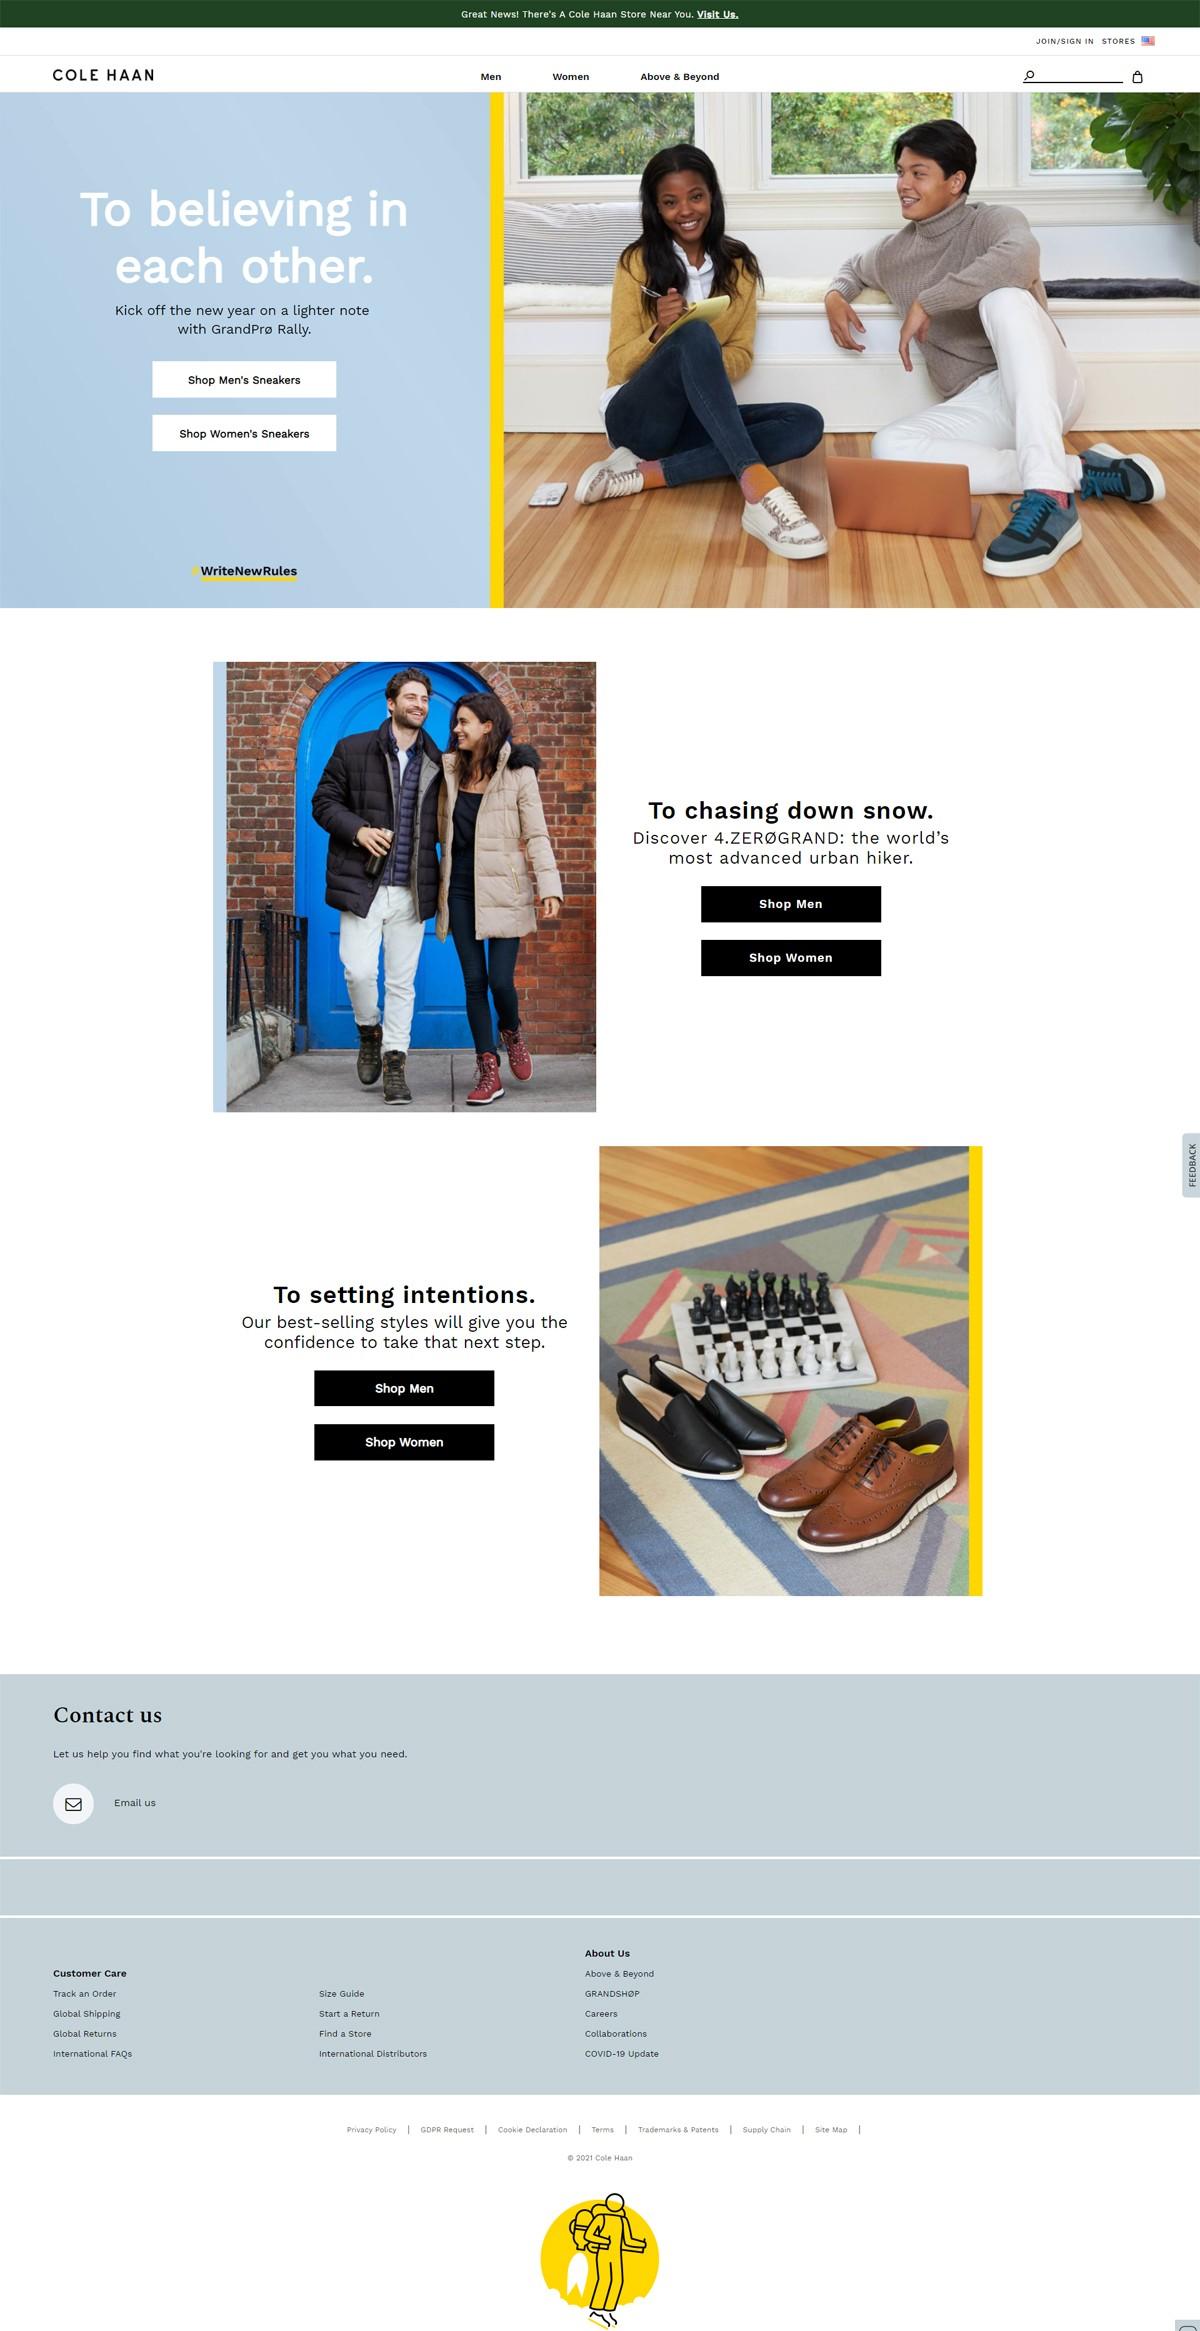 eCommerce website: Cole Haan